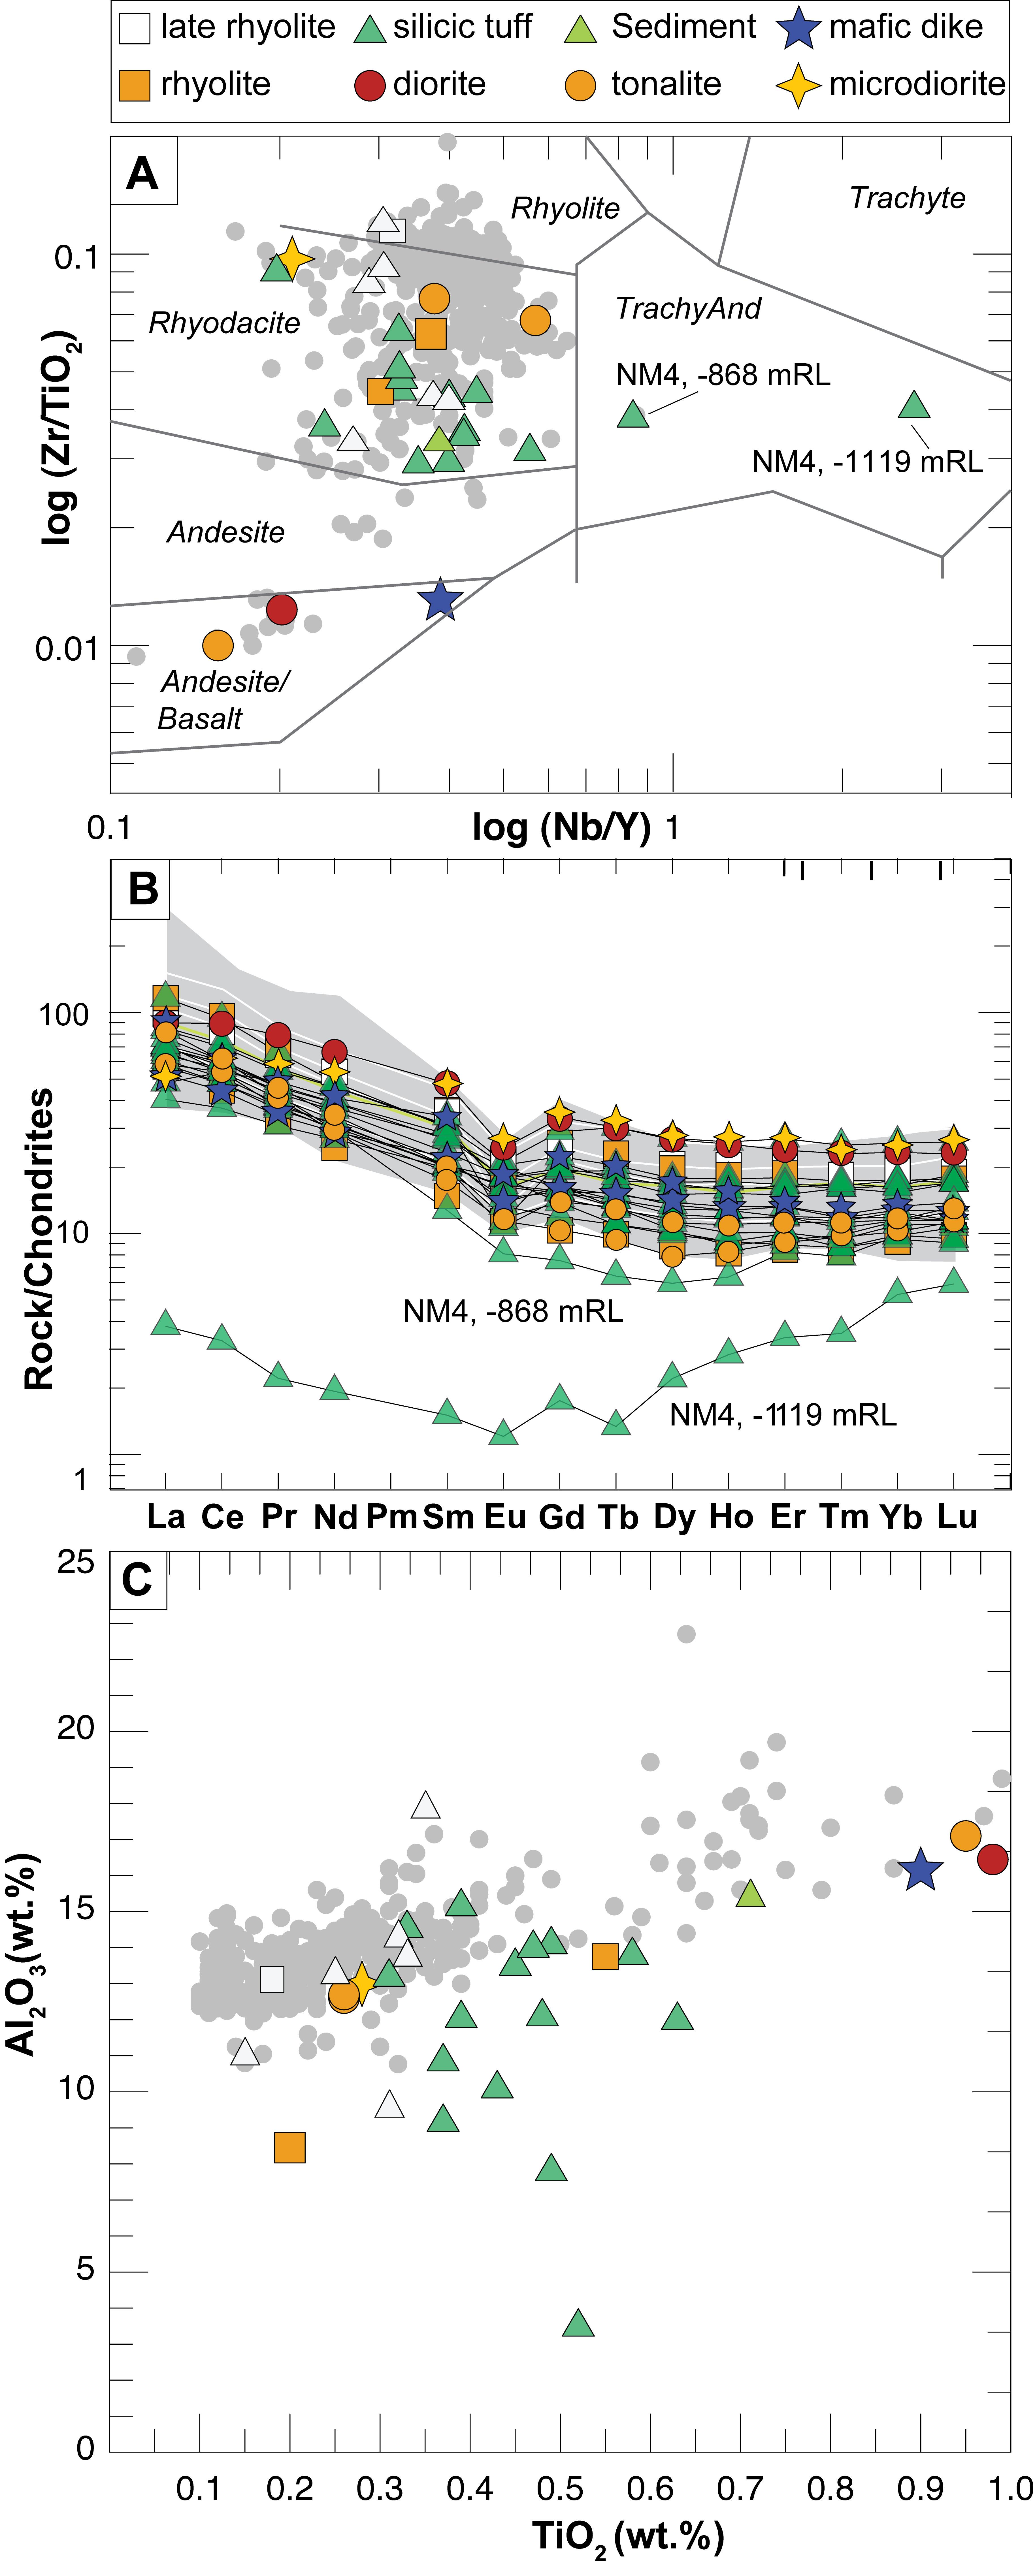 ngatamariki geothermal system magmatic to epithermal transition in